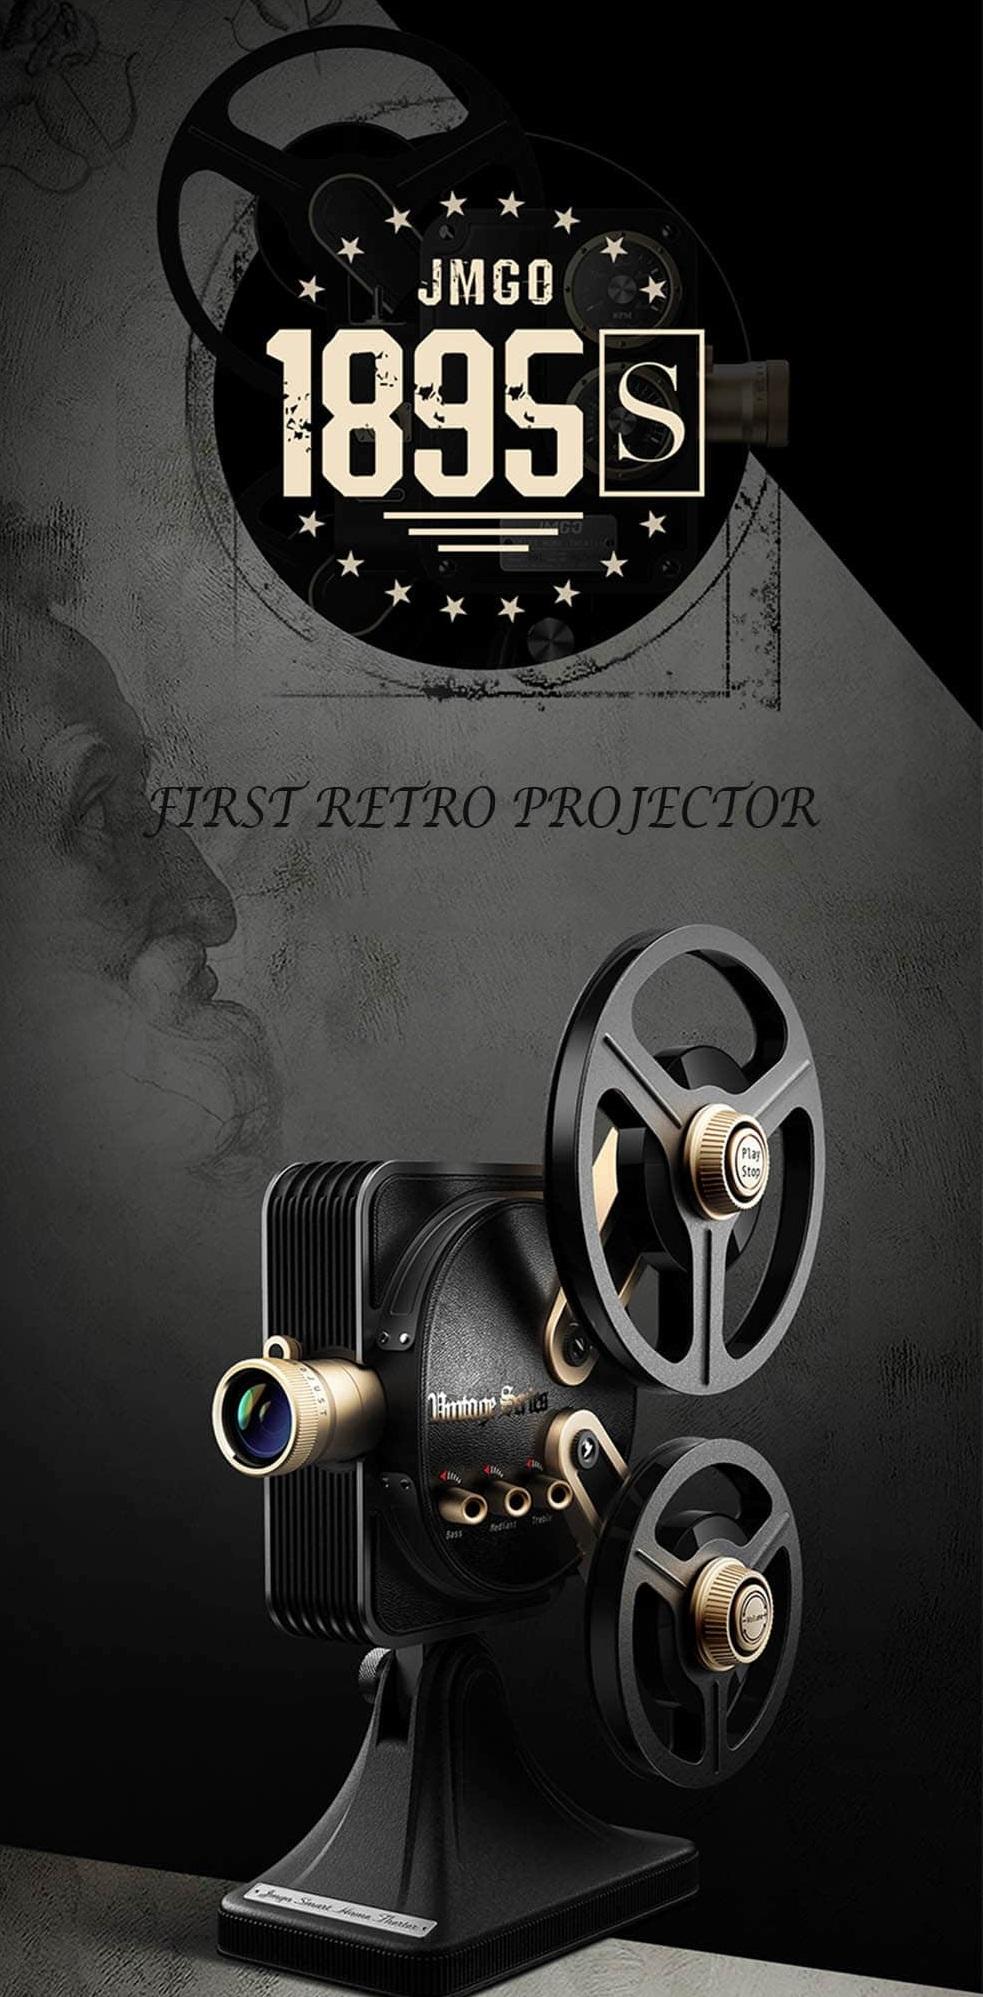 Proyector JMGO 1895S introducción